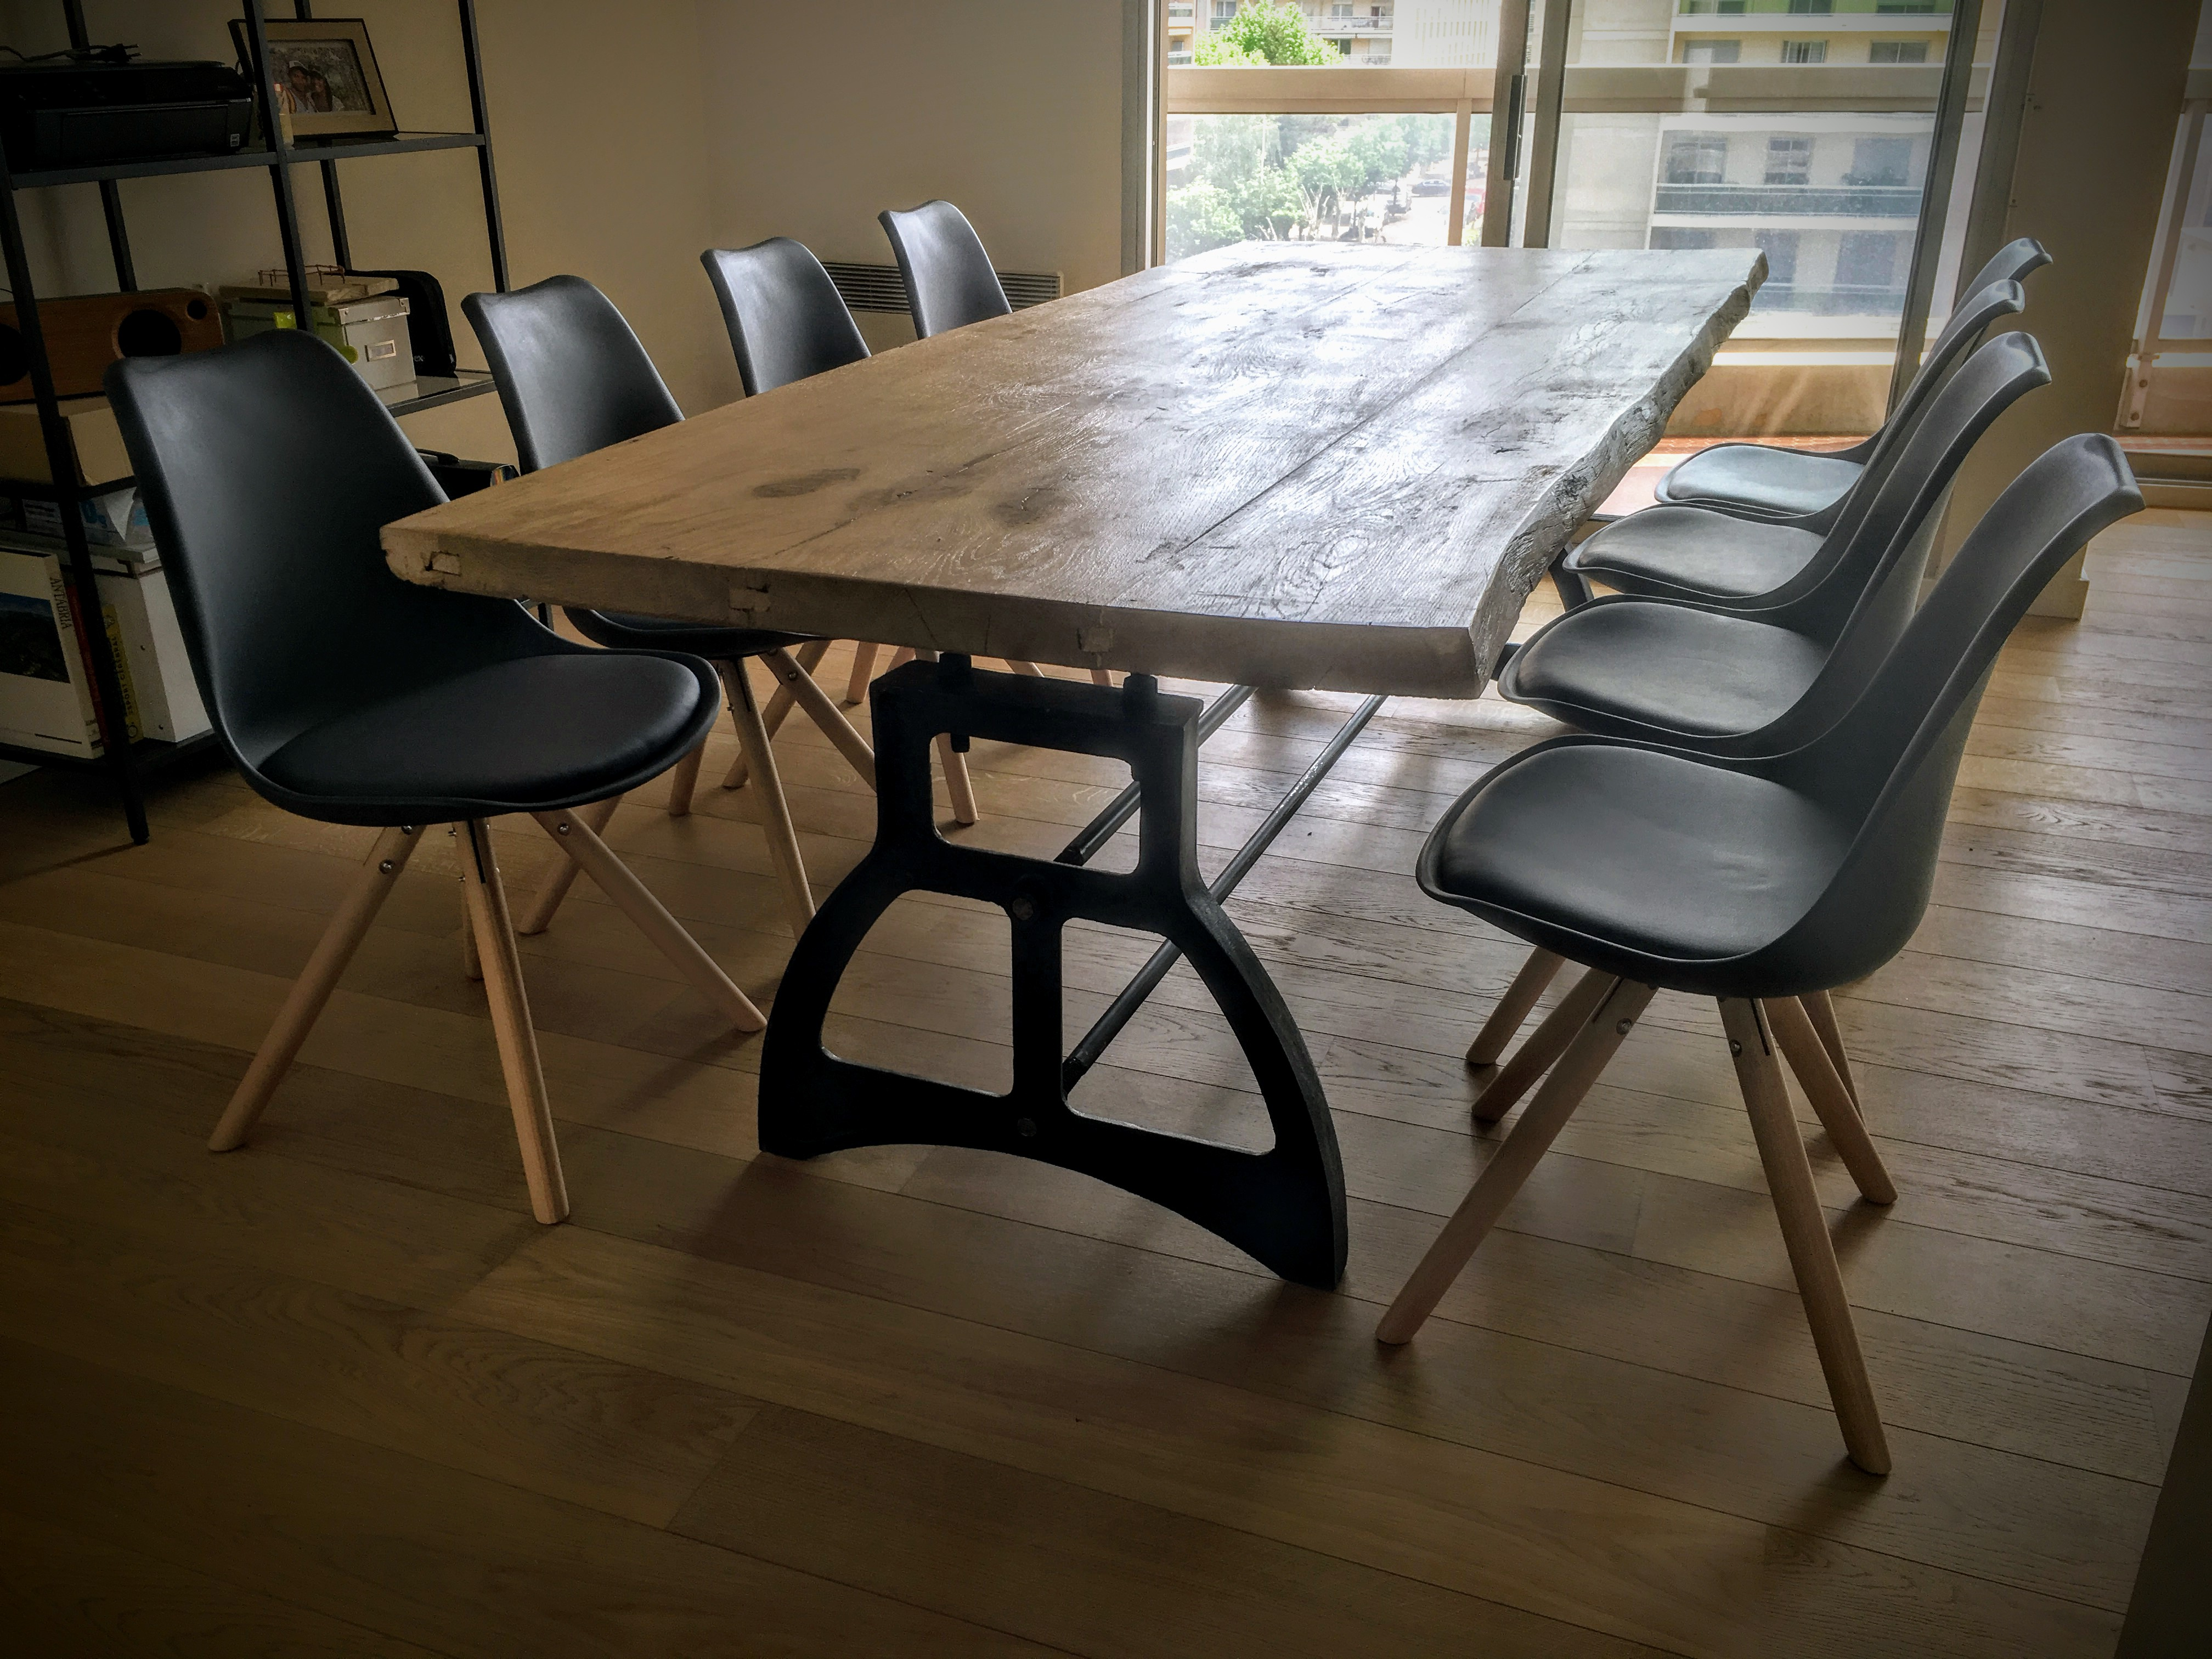 table de salon industrielle en bois pied coupole en fonte. Black Bedroom Furniture Sets. Home Design Ideas